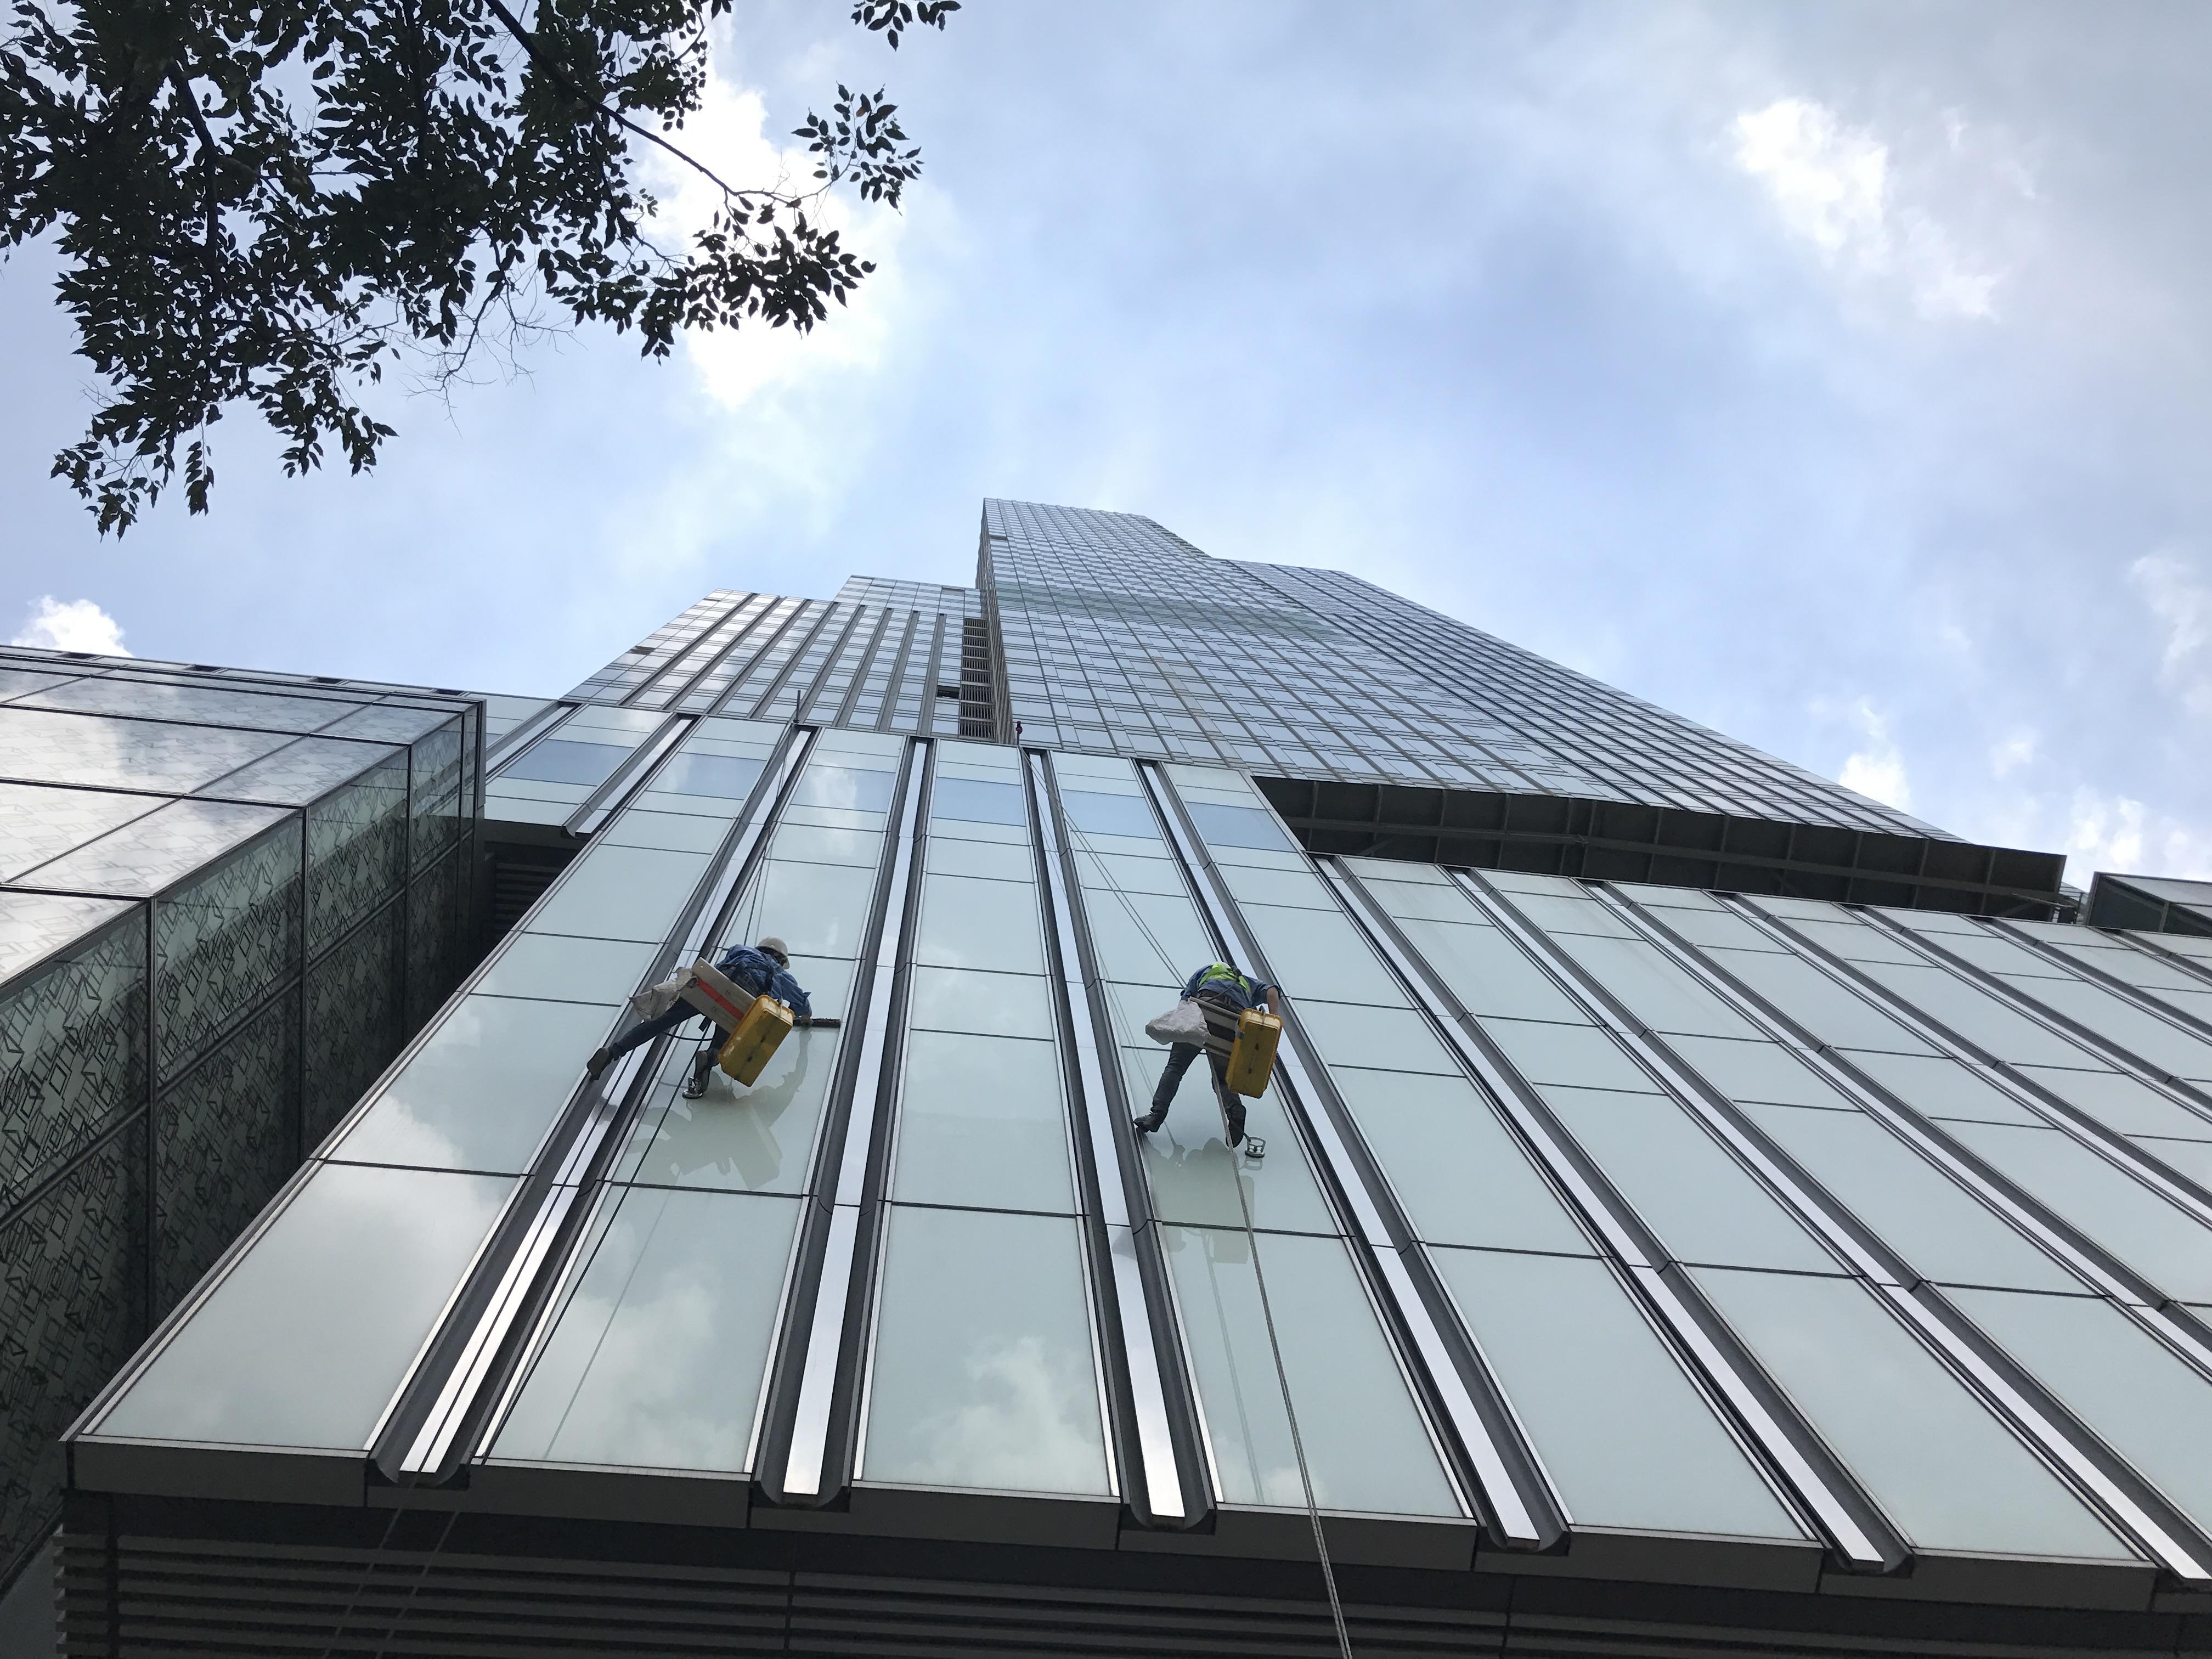 Lau kính nhà cao tầng ngành nghề tiềm ẩn nhiều nguy hiểm